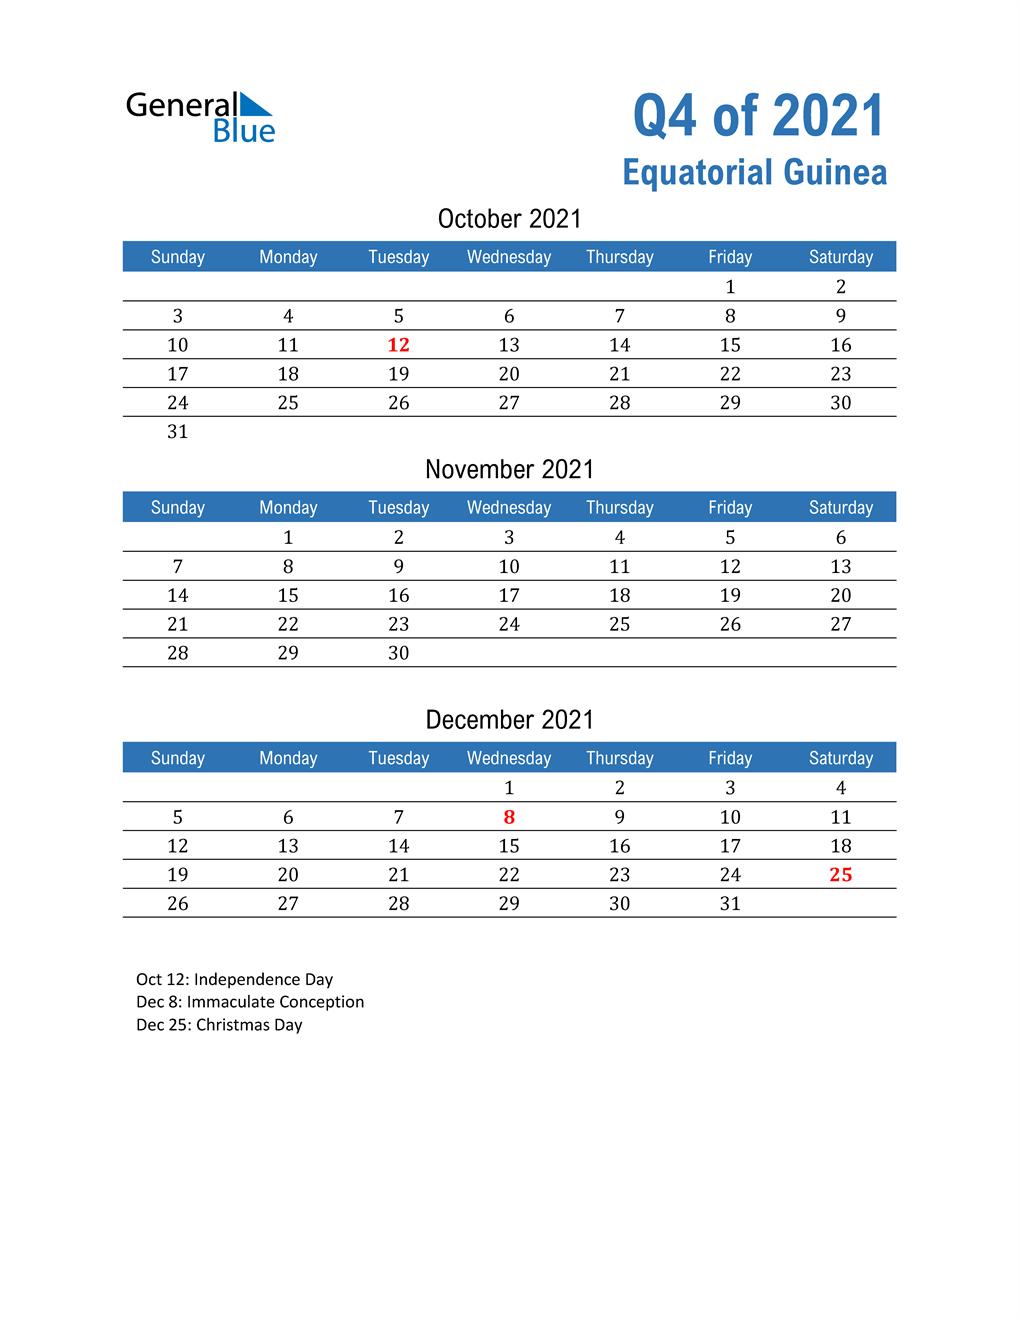 Equatorial Guinea 2021 Quarterly Calendar